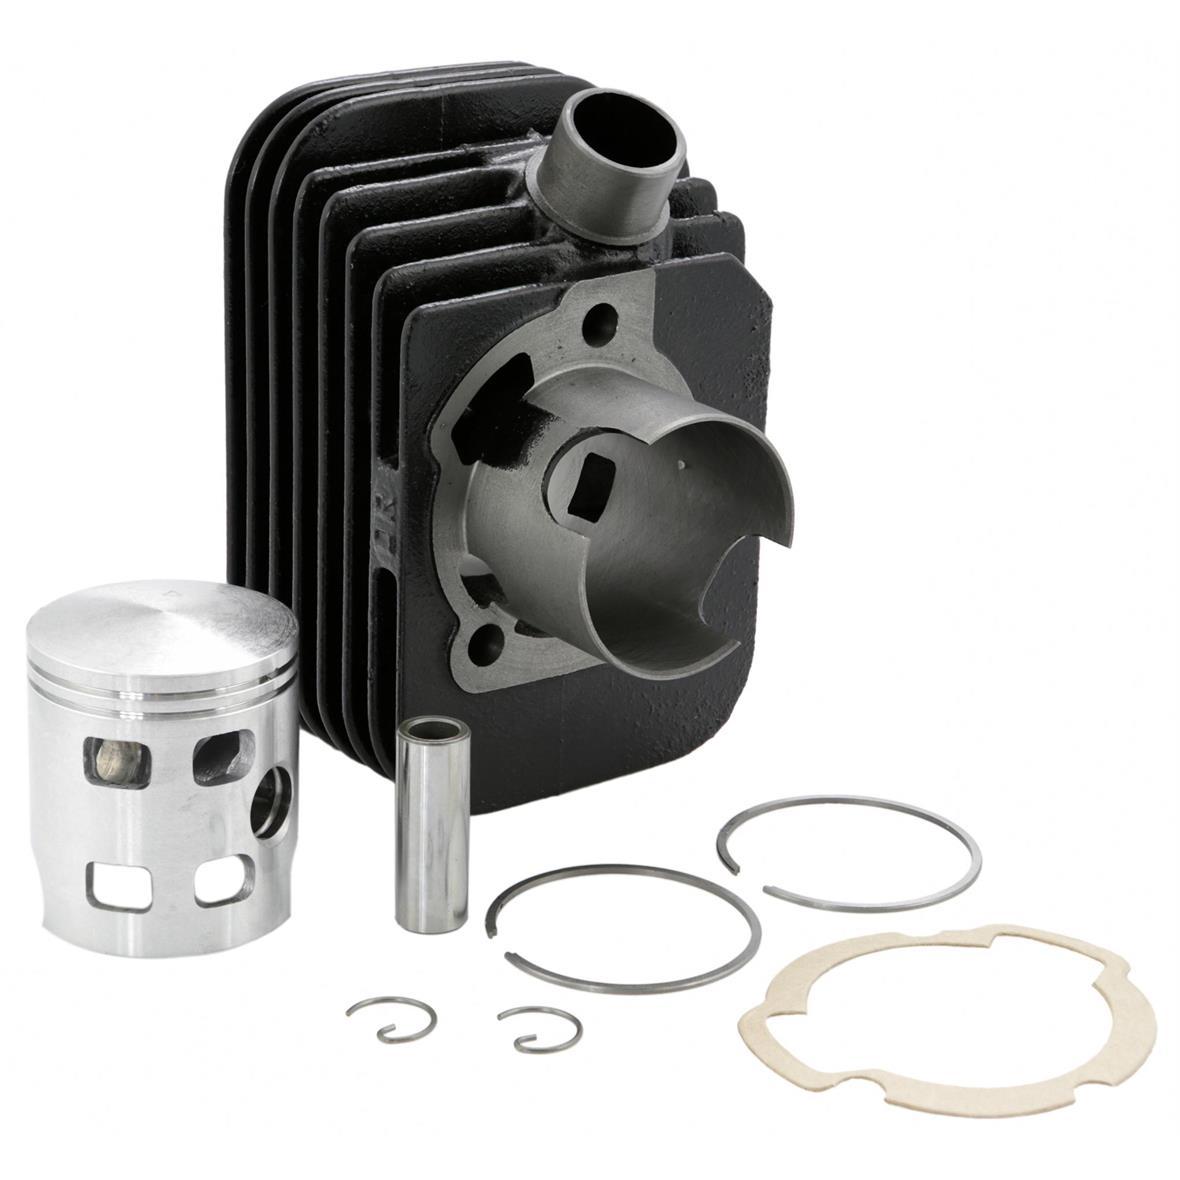 Zdjęcie produktu dla 'Kit cylinder rajdowy D.R. 50 ccmTitle'